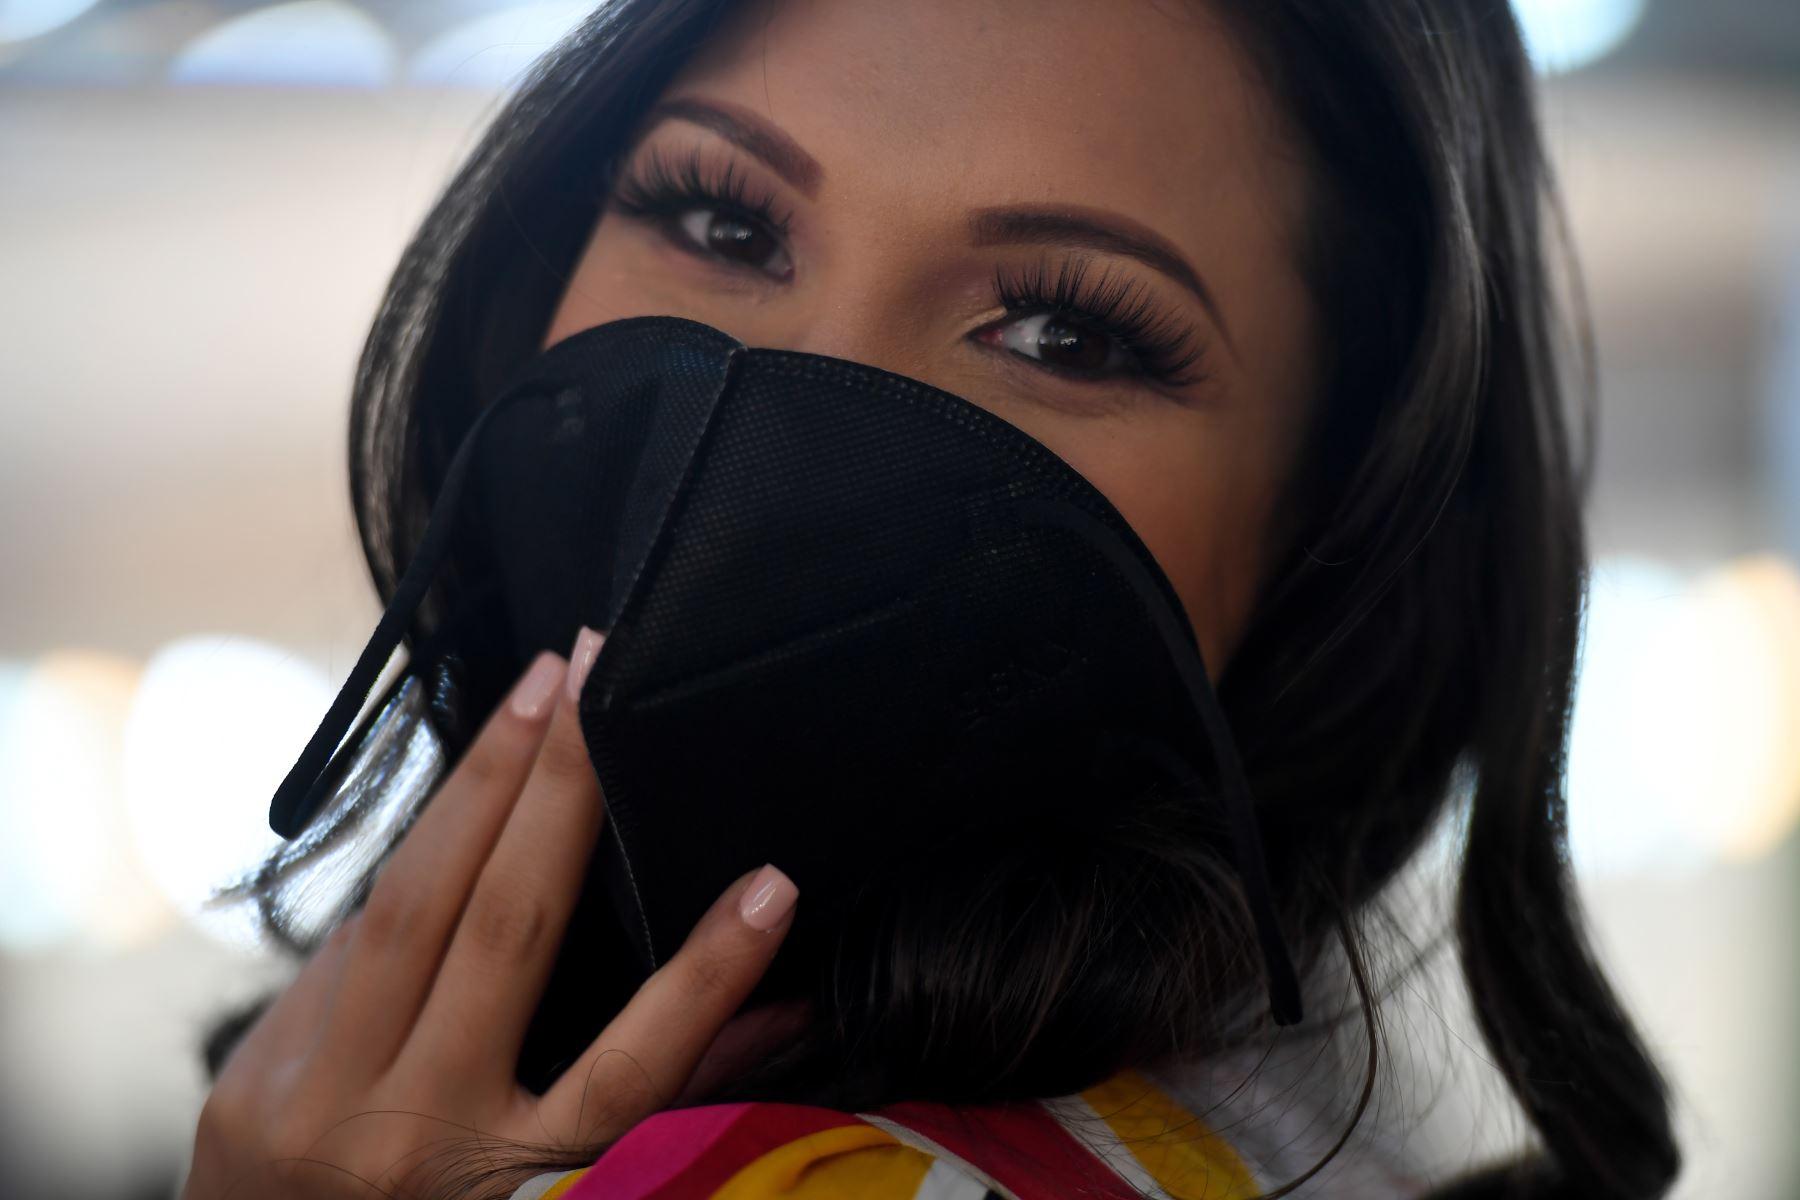 La concursante de Miss Venezuela posa en el camerino antes de reunirse con los jueces, en la estación de televisión Venevisión, en Caracas. Foto: AFP